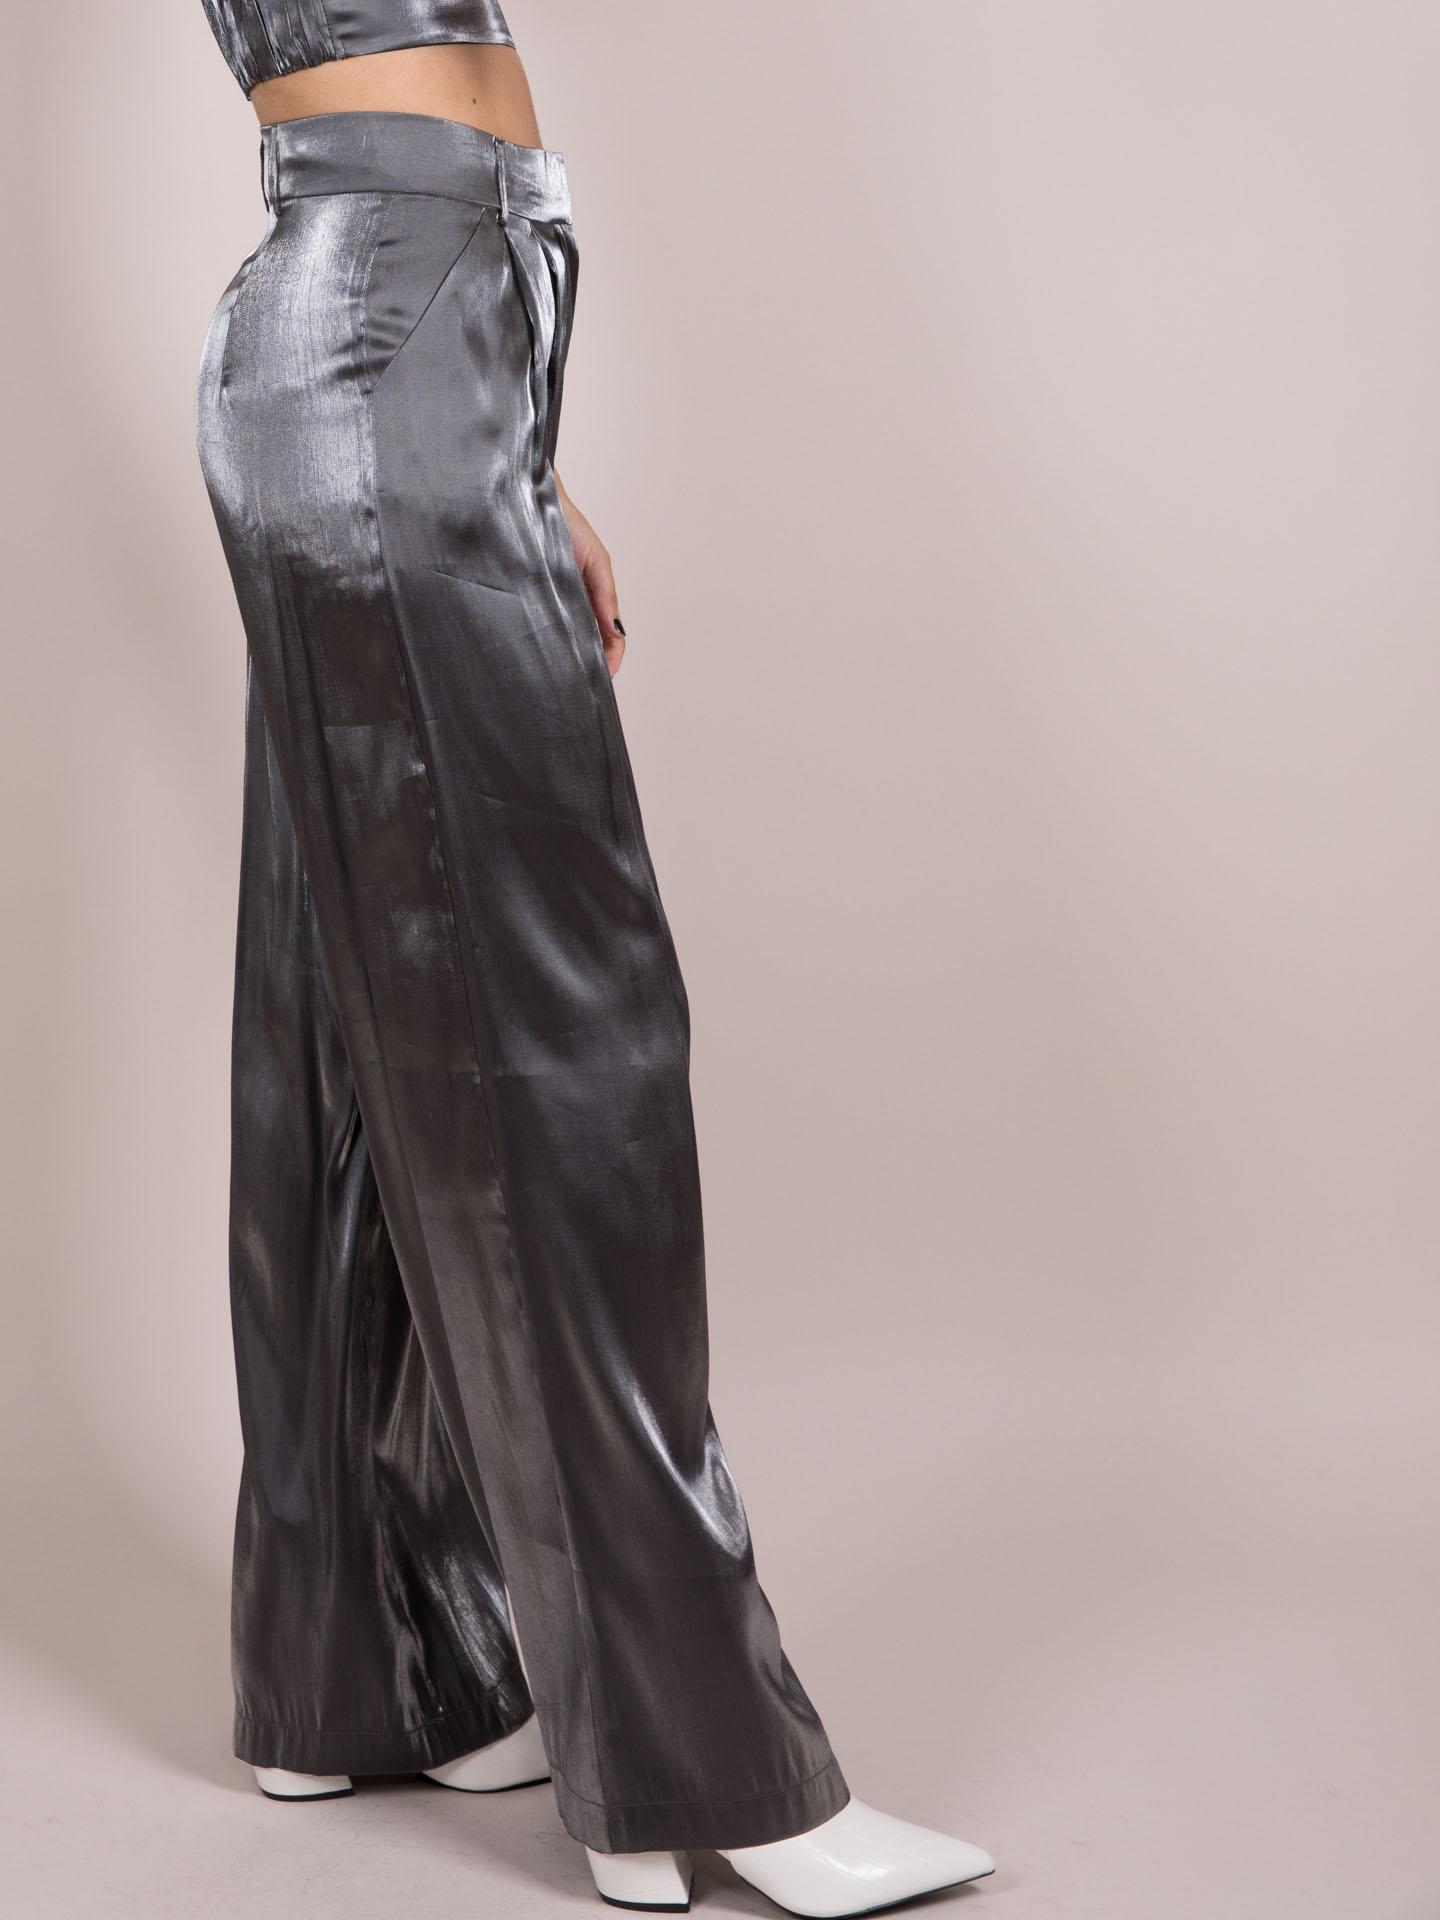 Noa Metallic Pants  Silver Wide Legged Bottoms Side